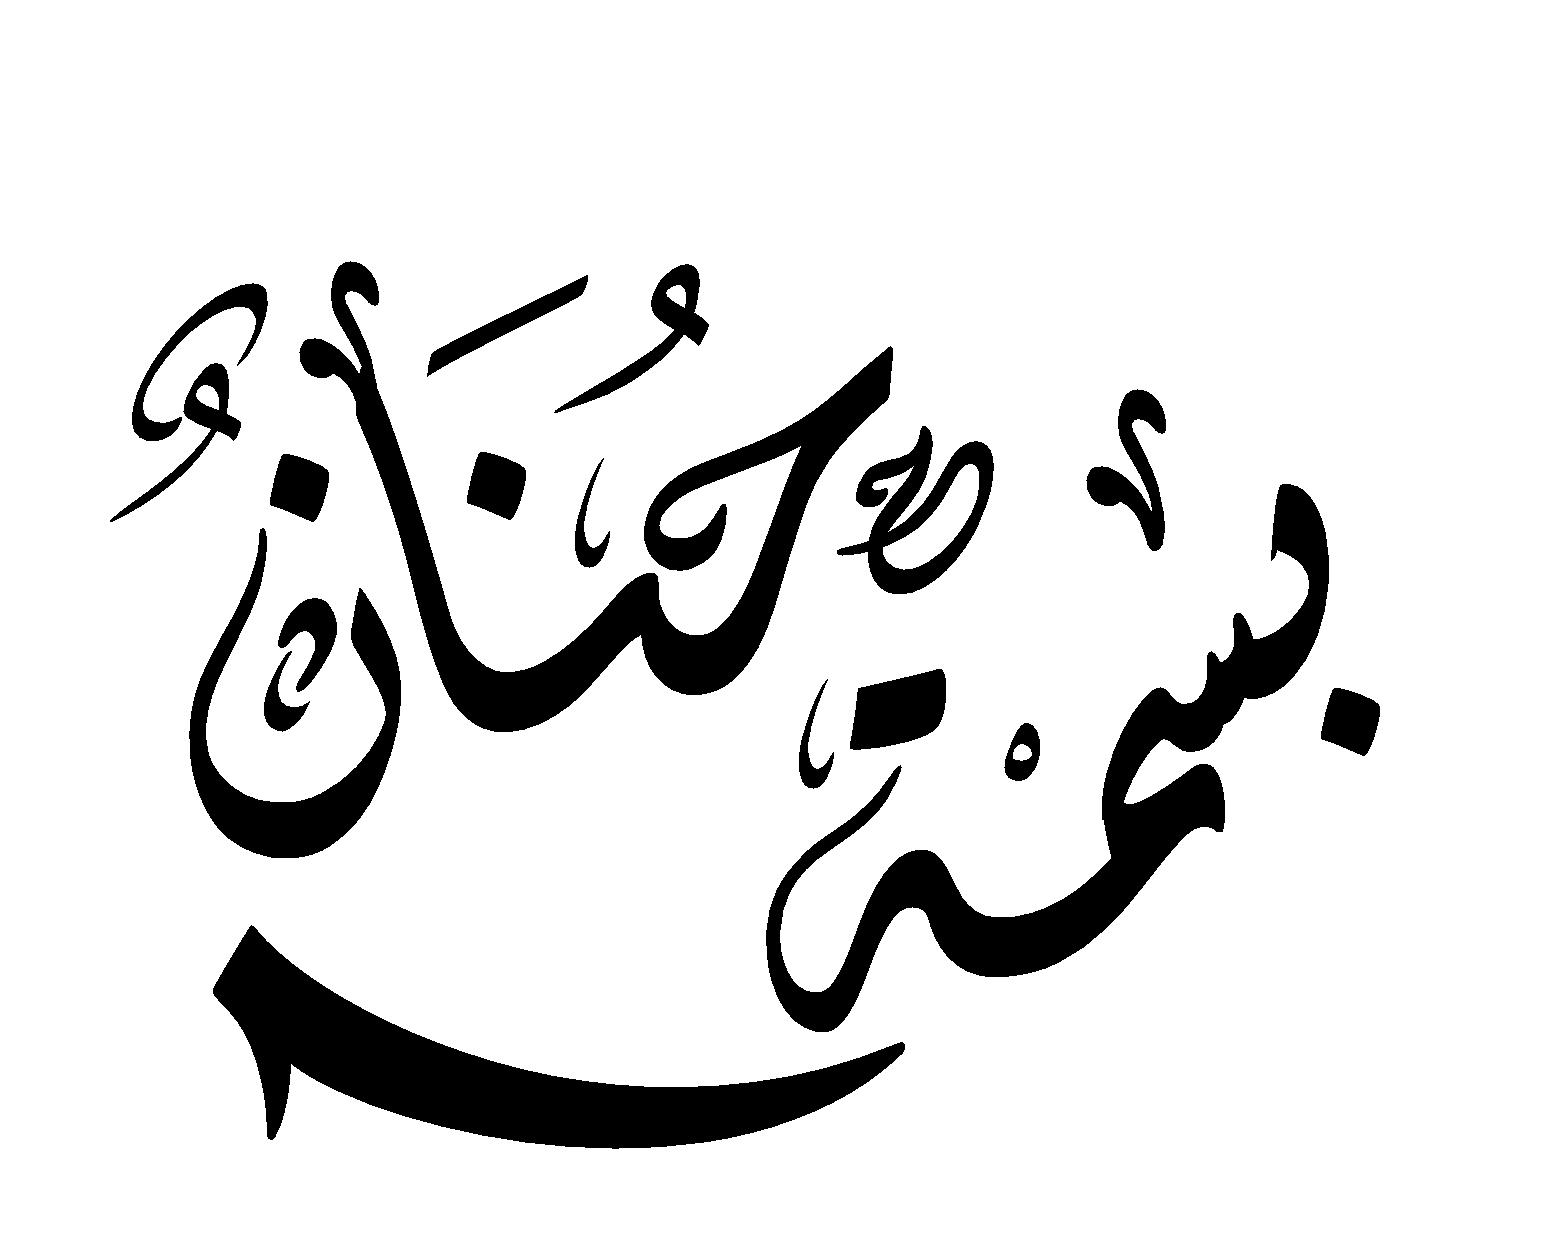 اسم حنان صور اسم حنان عربي و انجليزي مزخرف , معنى اسم حنان وشعر ...